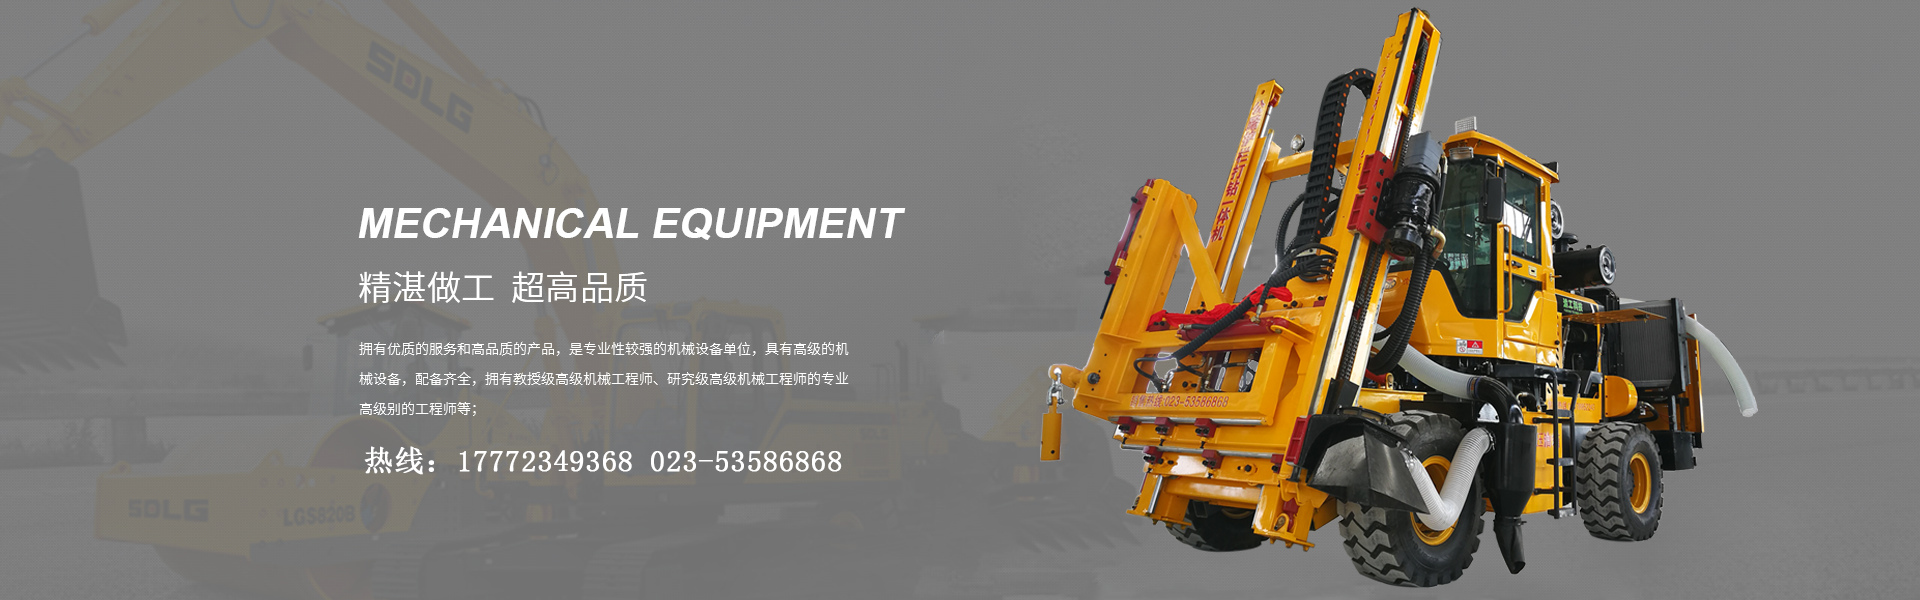 重庆渝工科技有限公司服务热线:17772349368,欢迎24小时来电咨询!